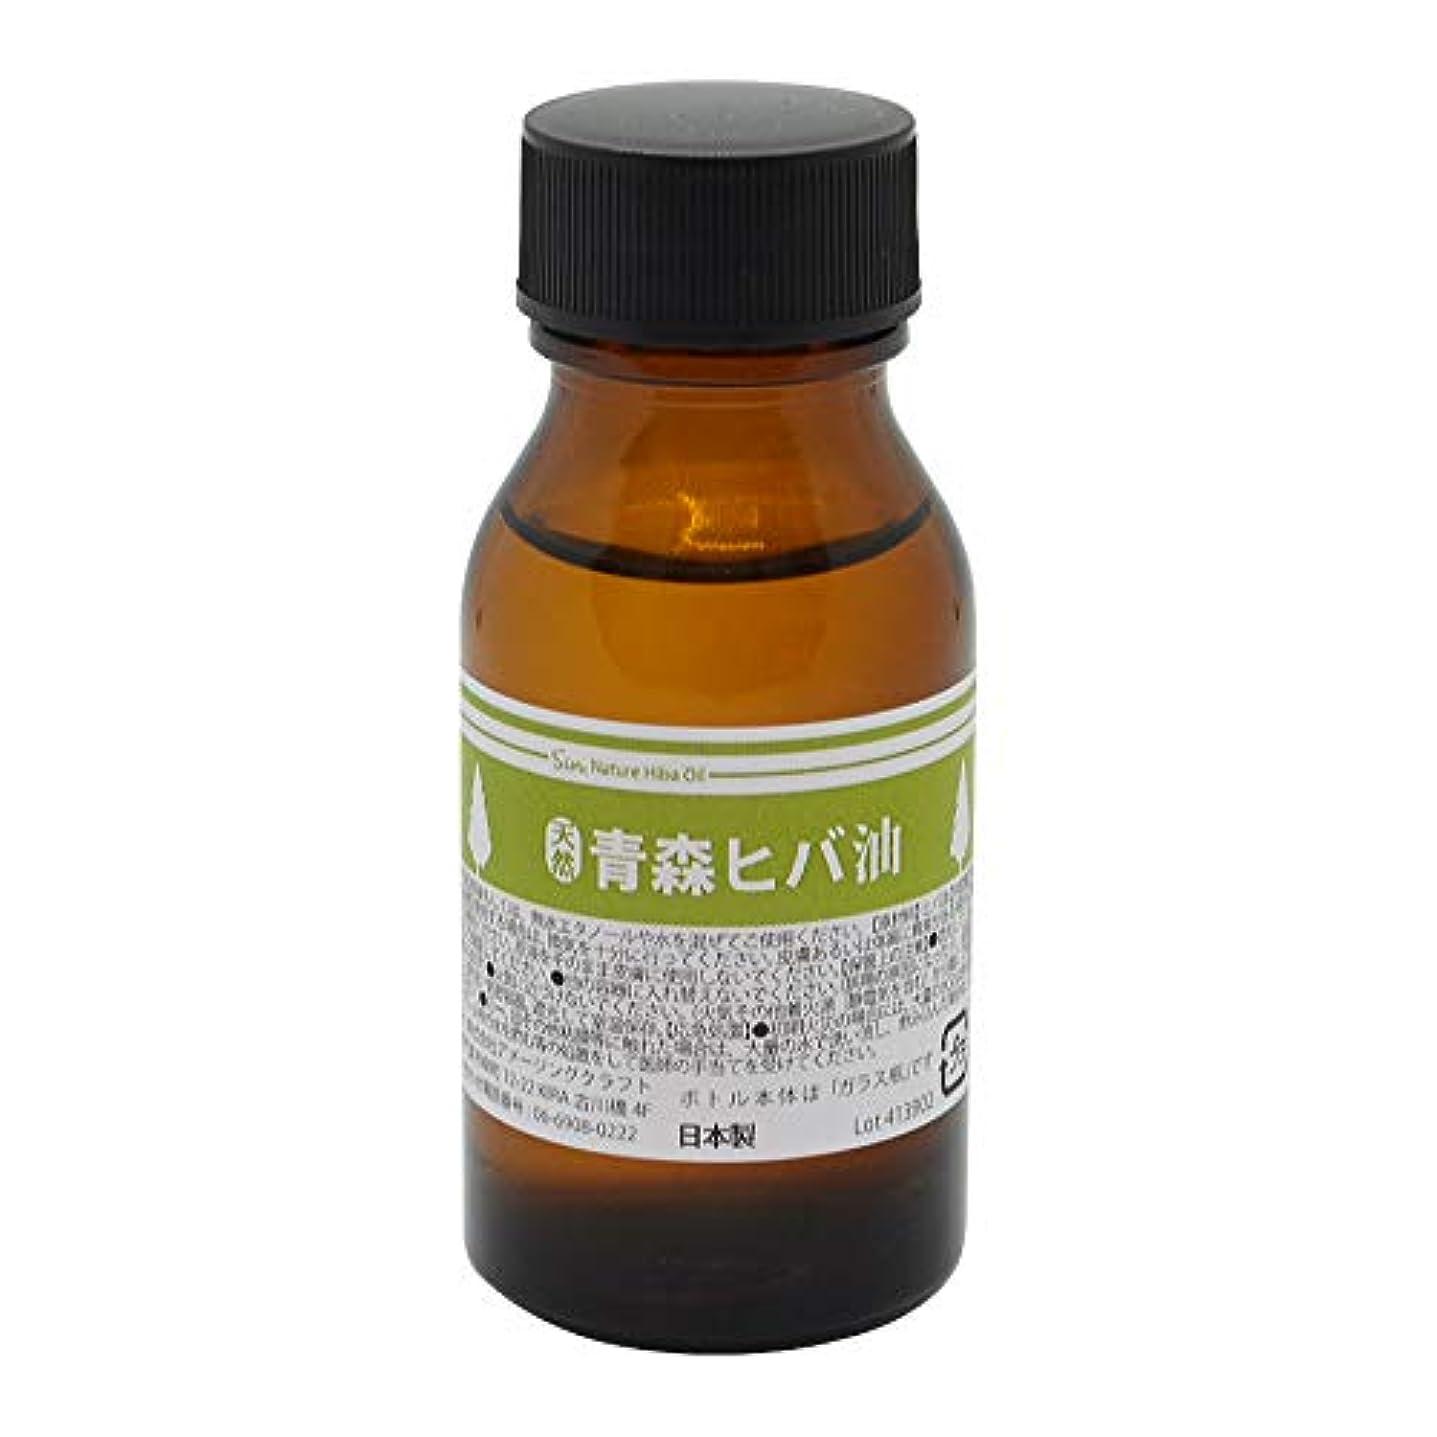 青森県産 天然ひば油 50ml 中栓付き 天然製油ヒバオイル